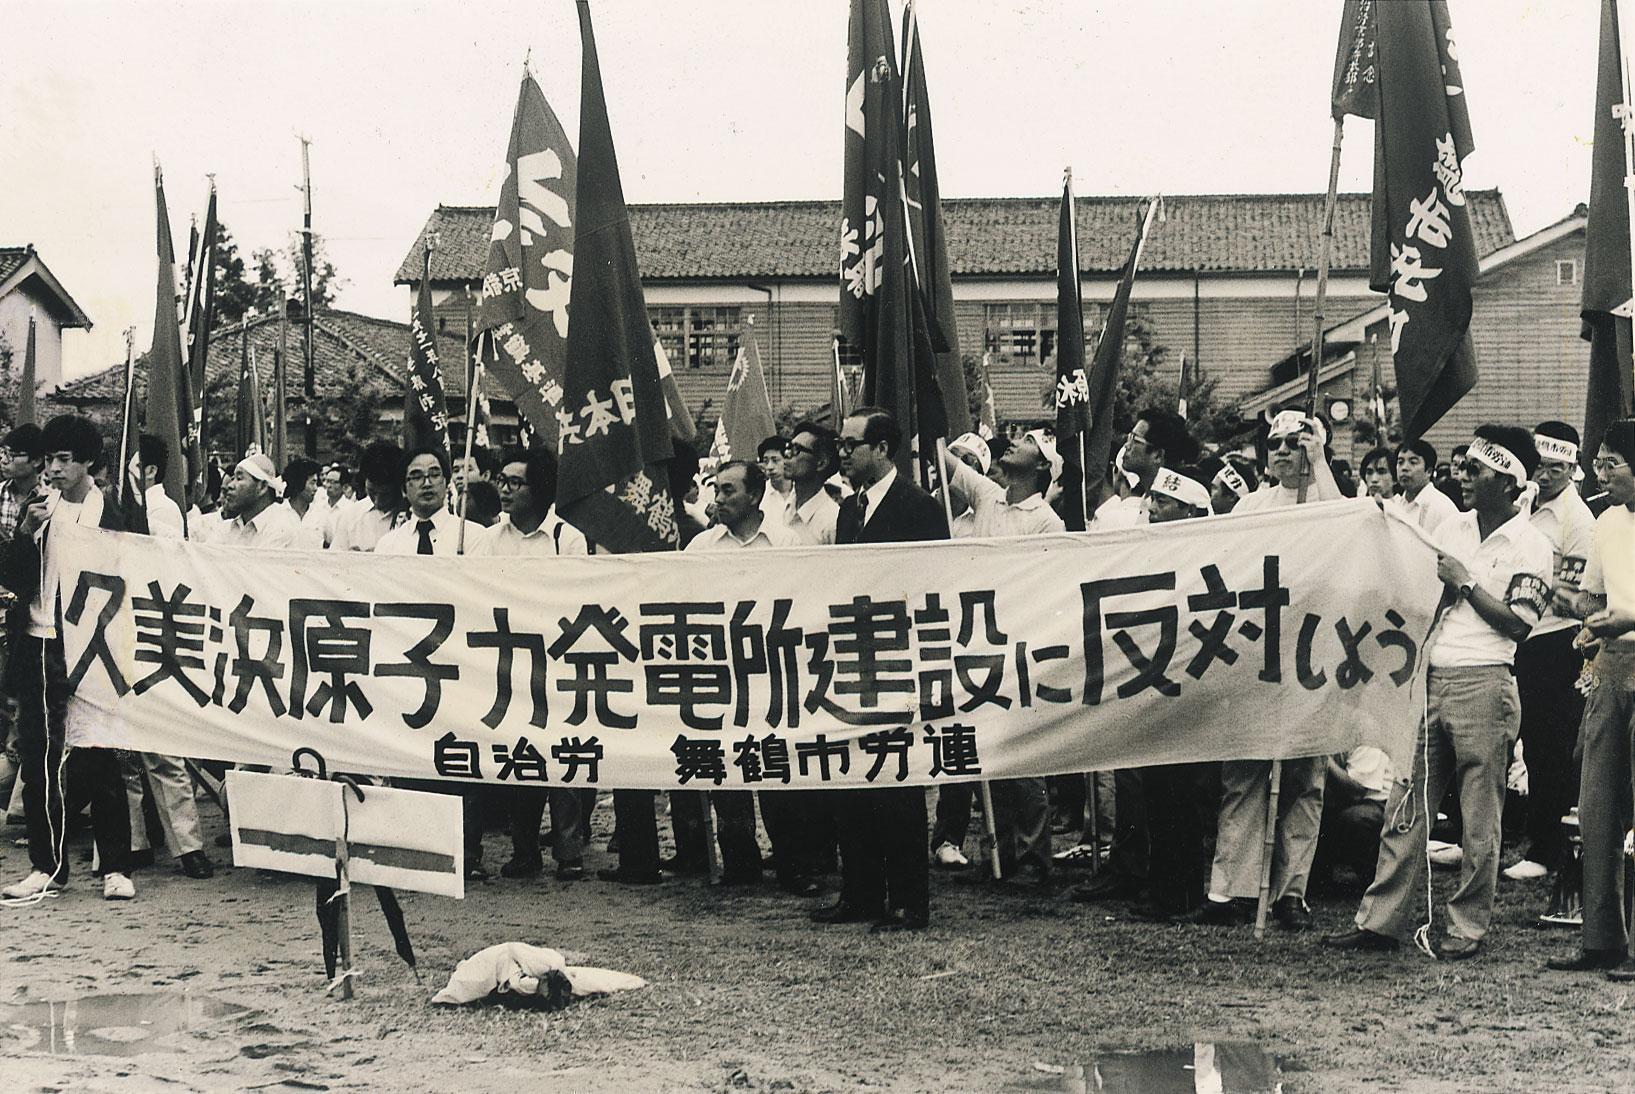 久美浜原発建設反対集会